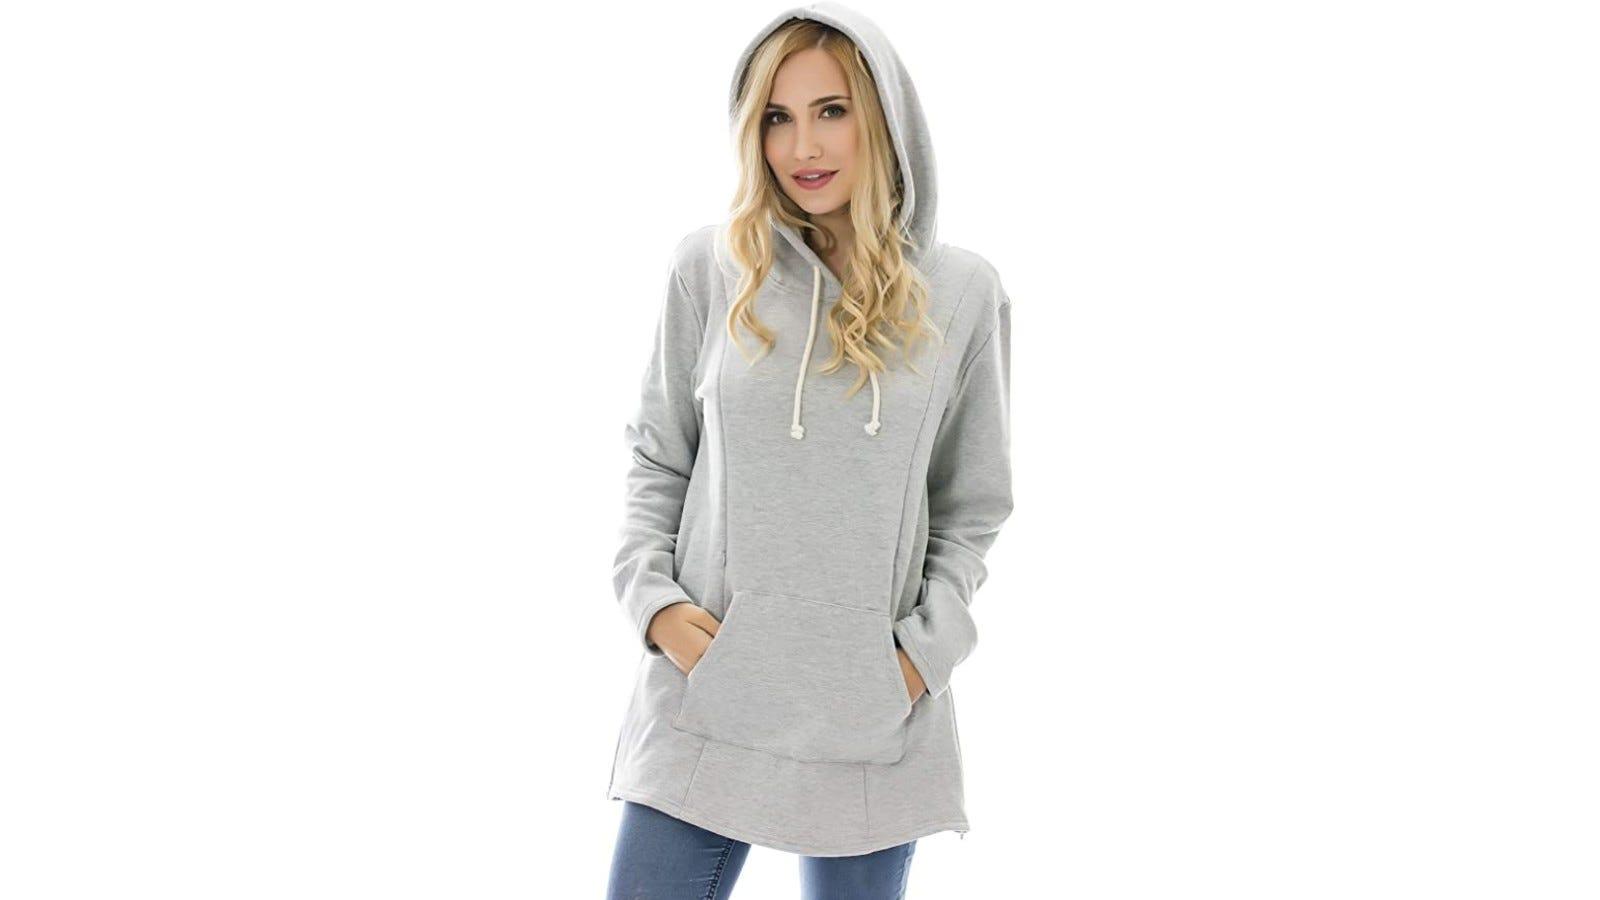 blonde woman wearing a gray sweatshirt